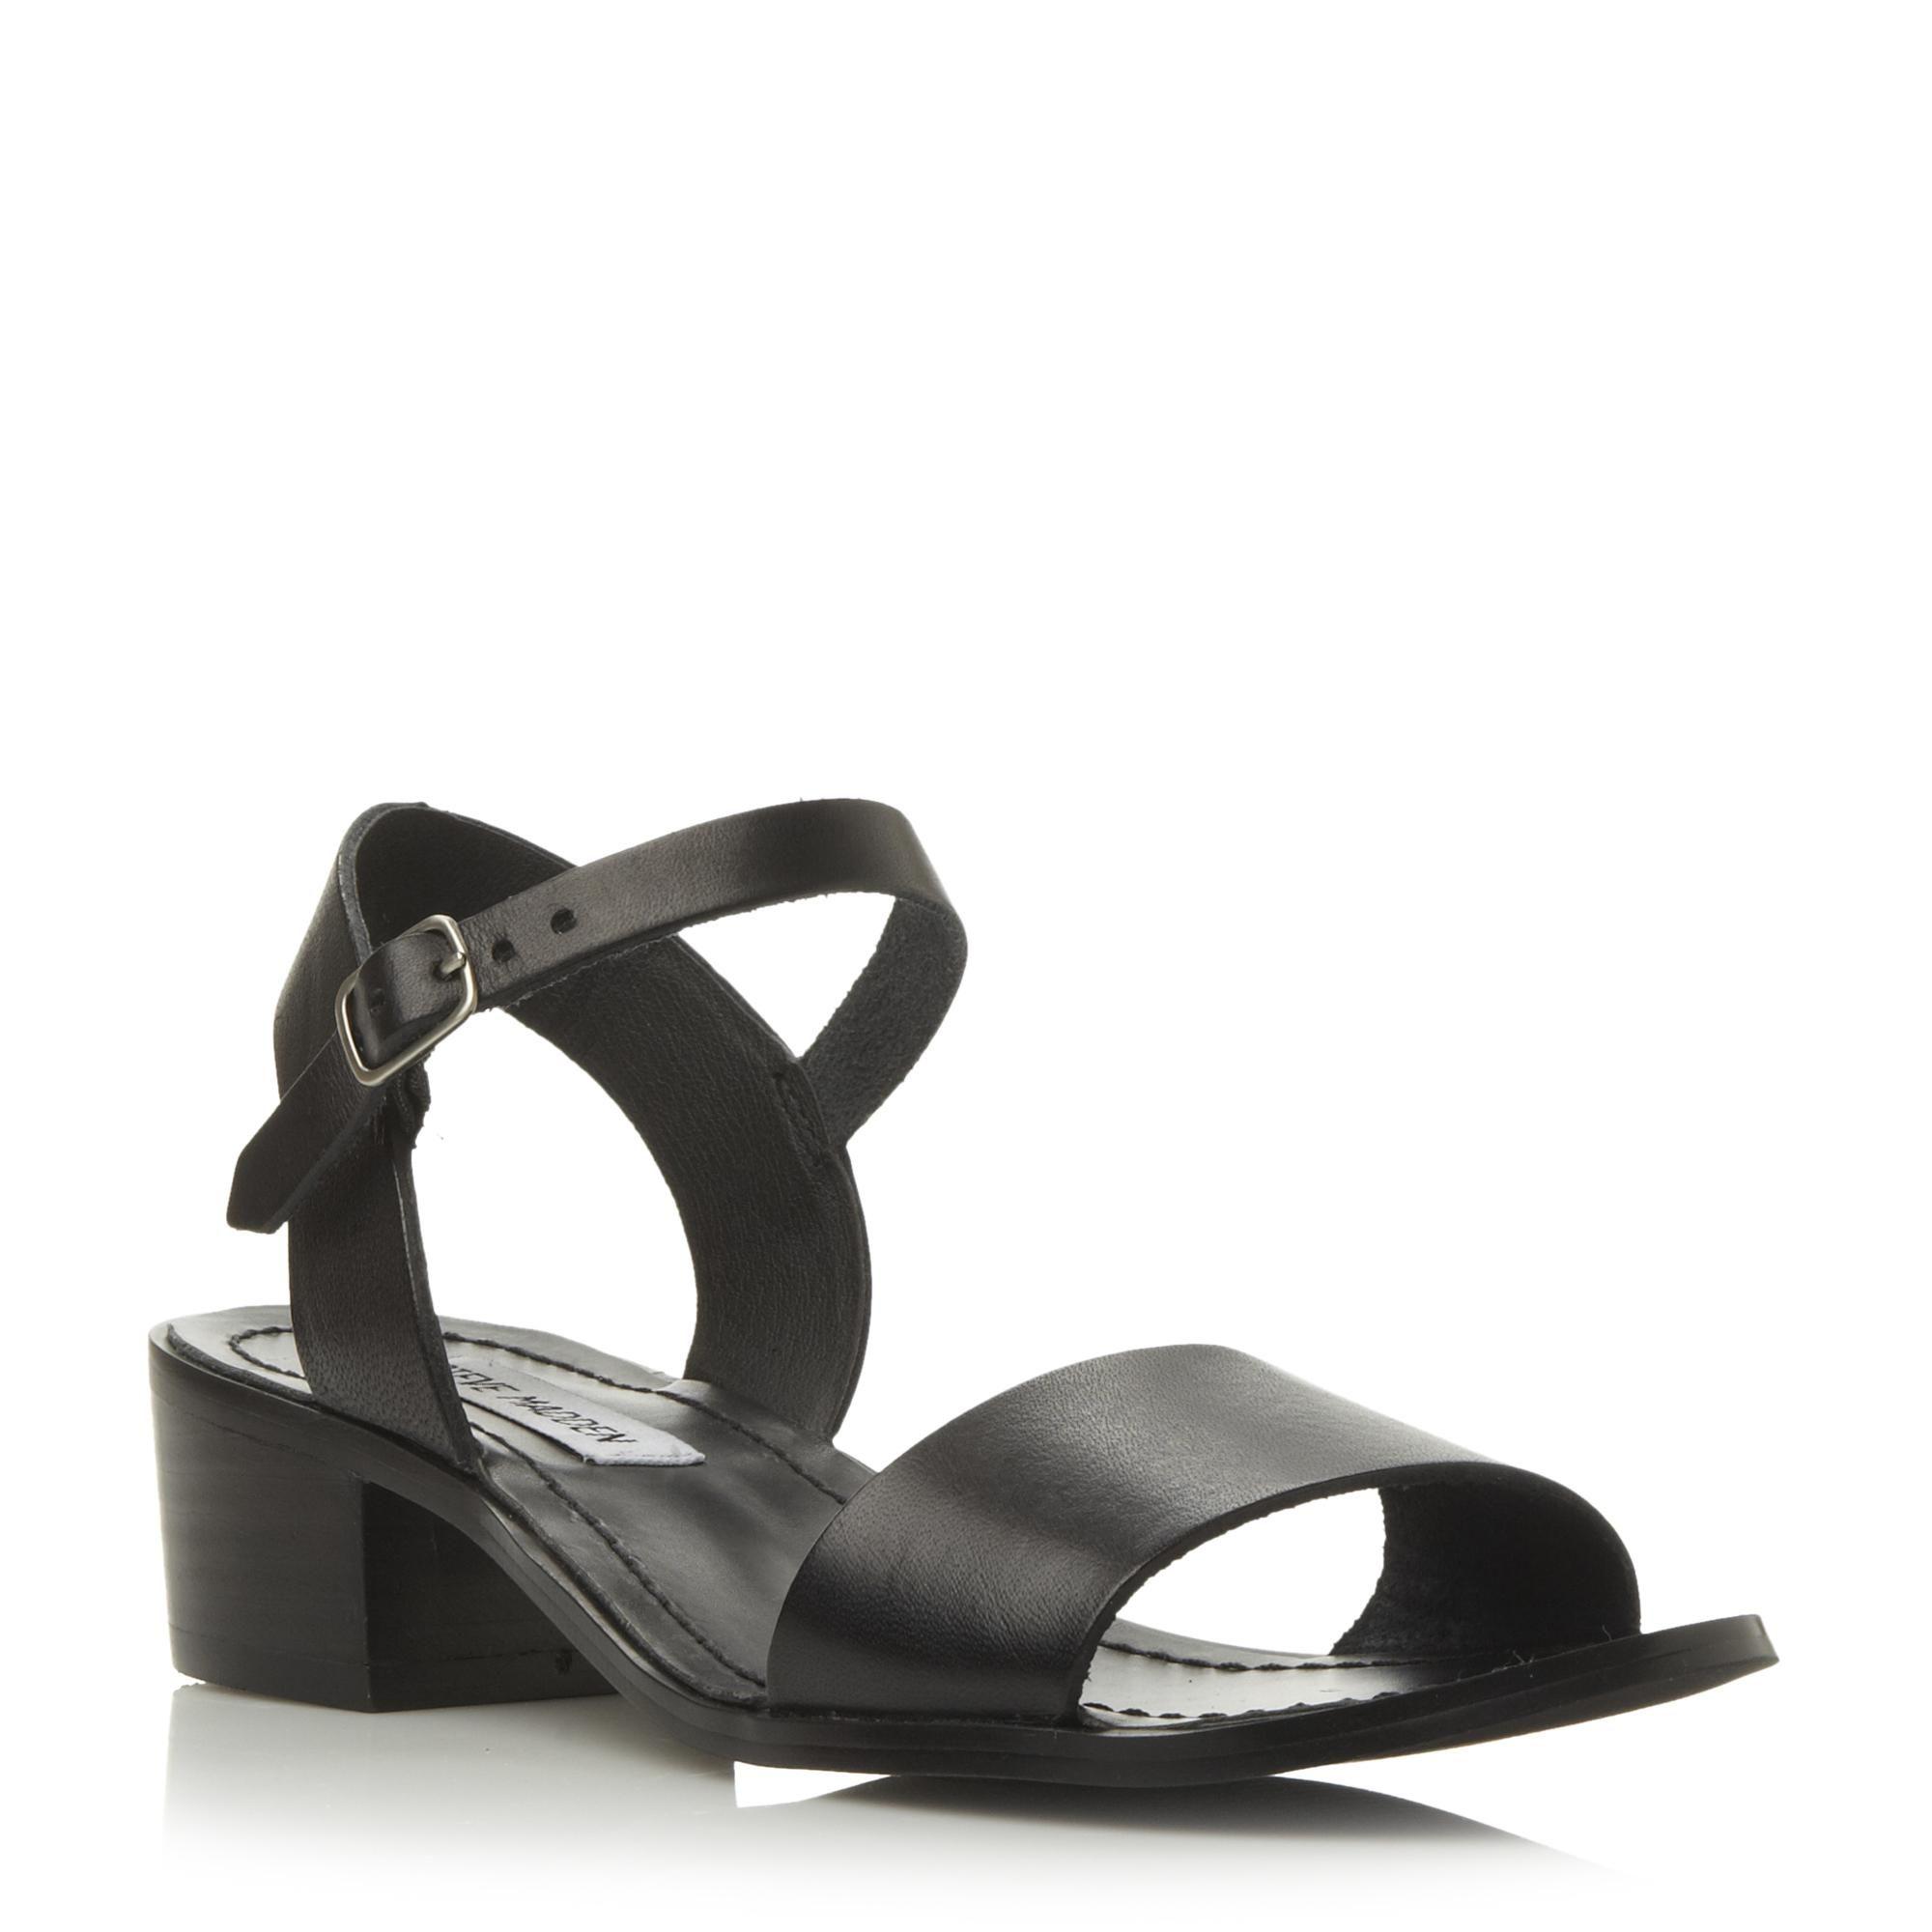 DENSE SM  Low Block Heel Sandal  black | Dune London